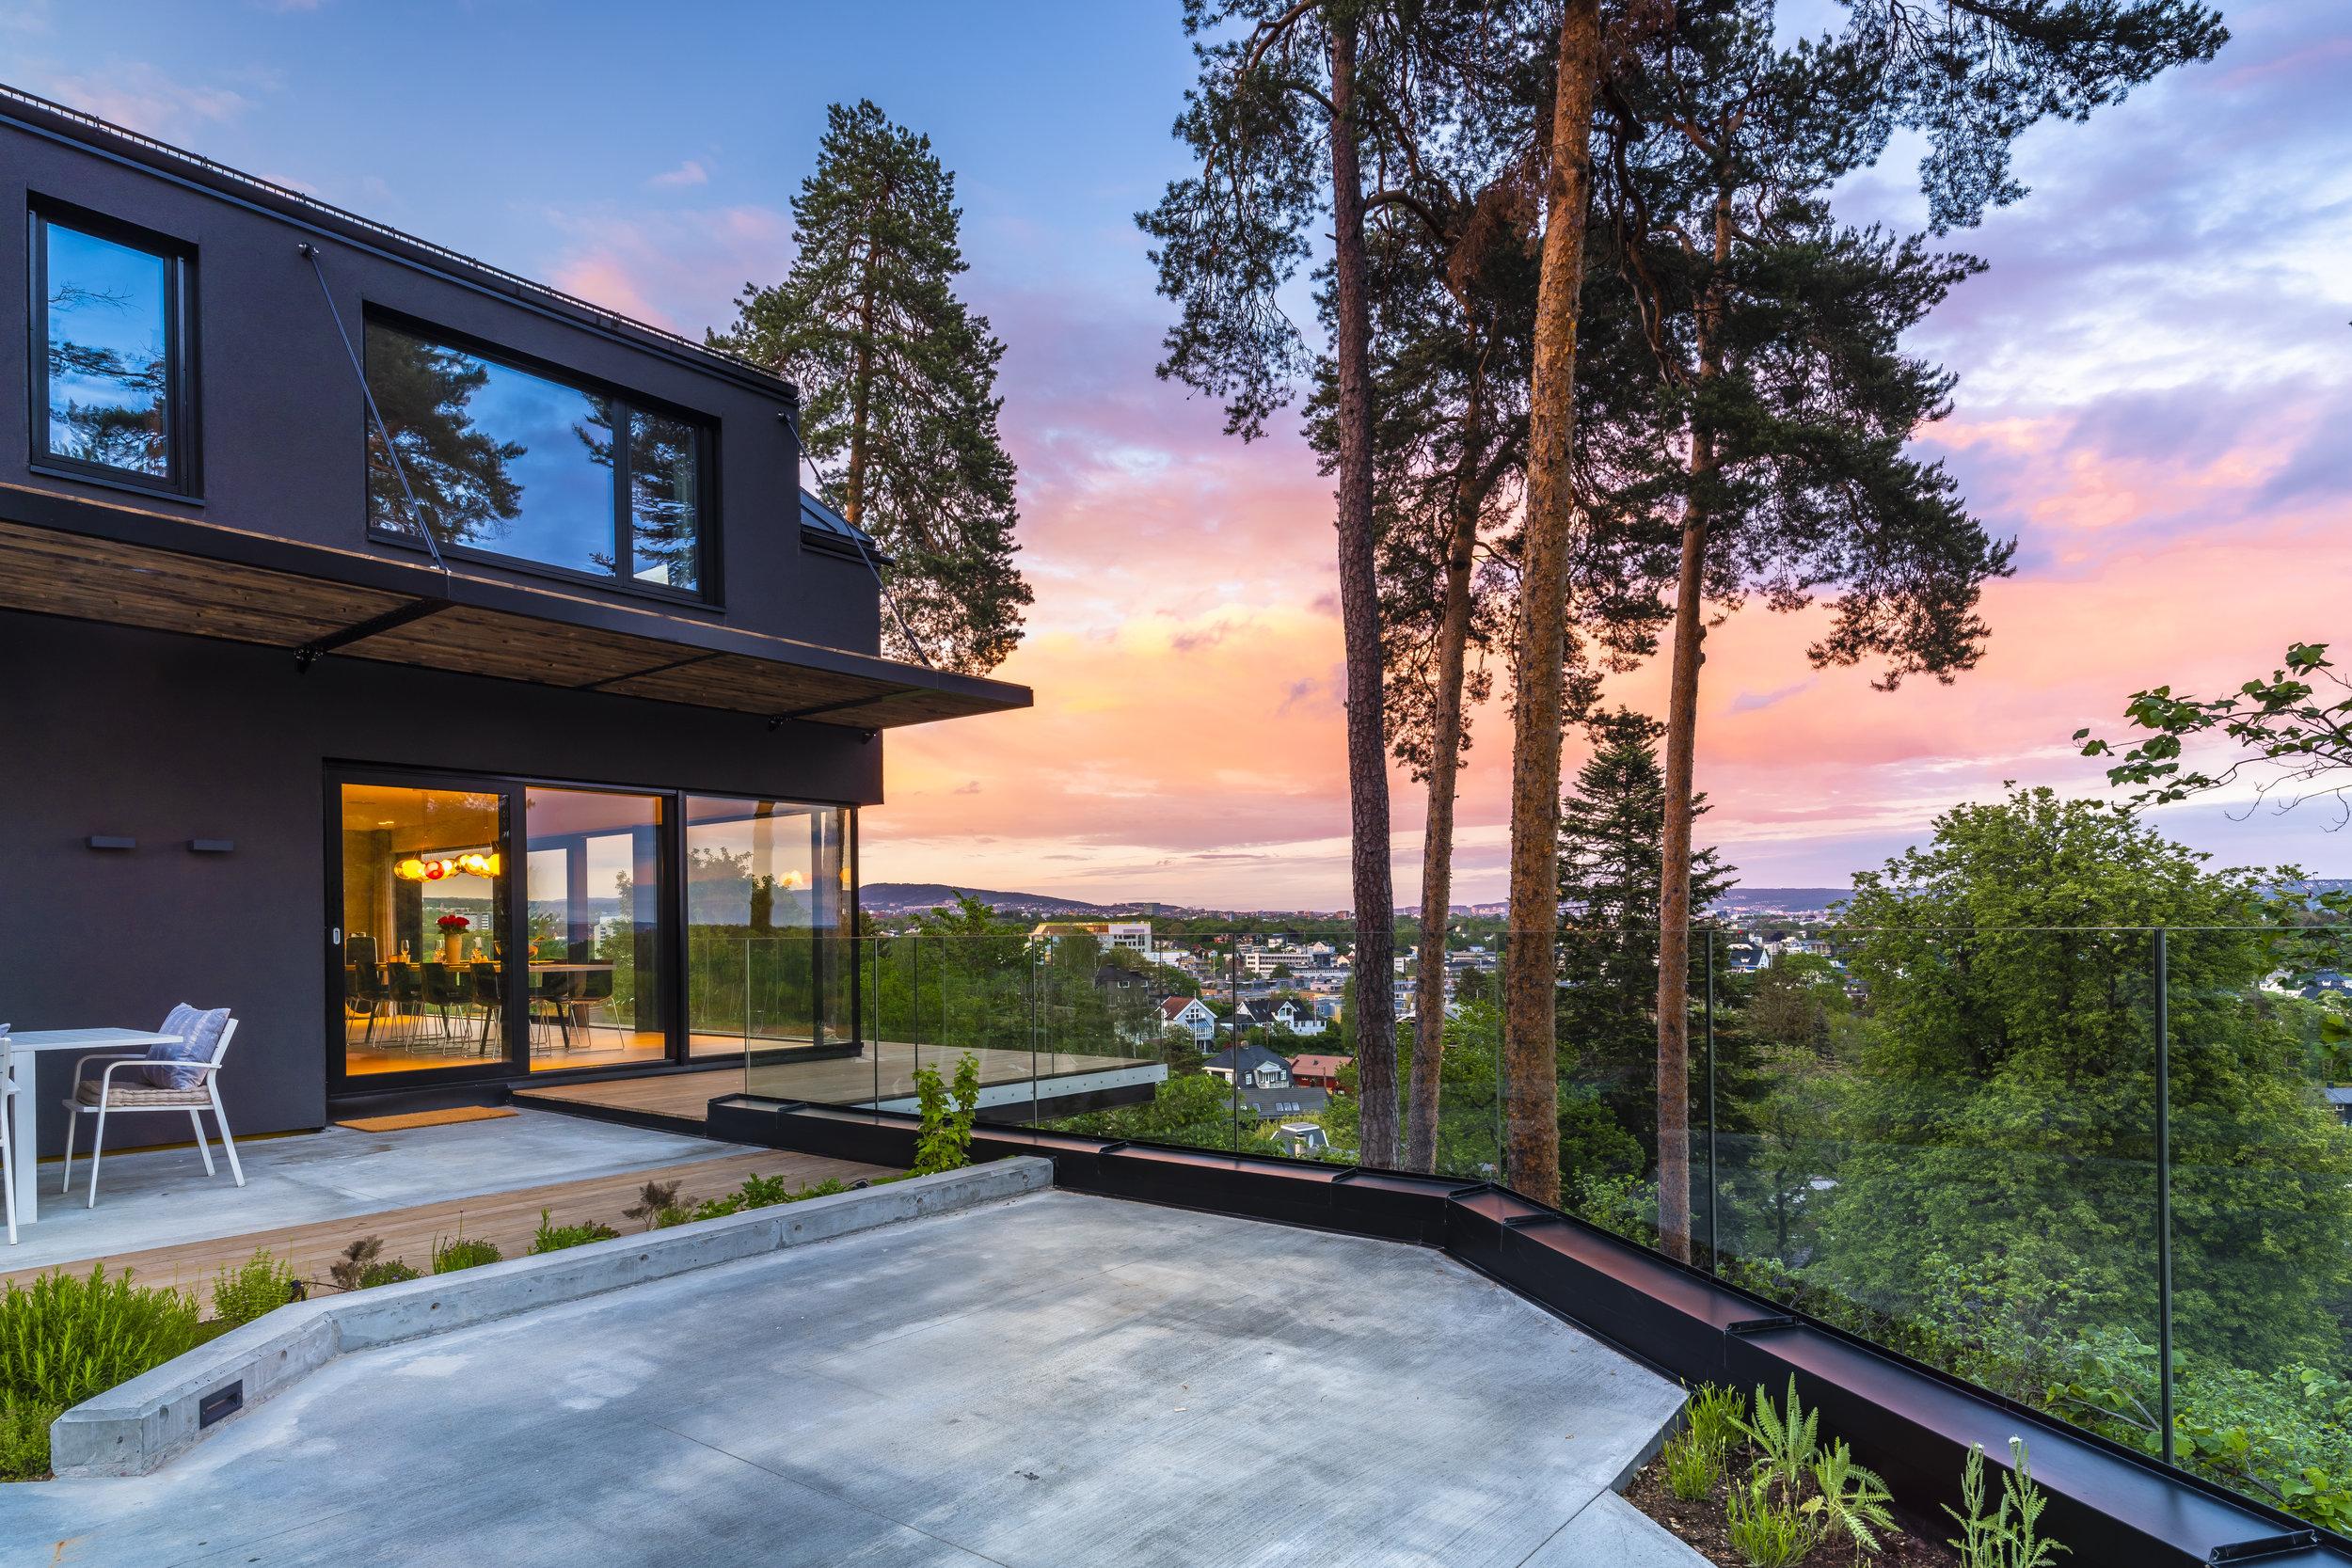 Enebolig U7 - Boligen er ferdigstilt i 2019. Boligen ligger med utsikt over Oslo og er på 320 kvadratmeter over tre etasjer. Hagen er delvis anlagt over en underjordisk garasje